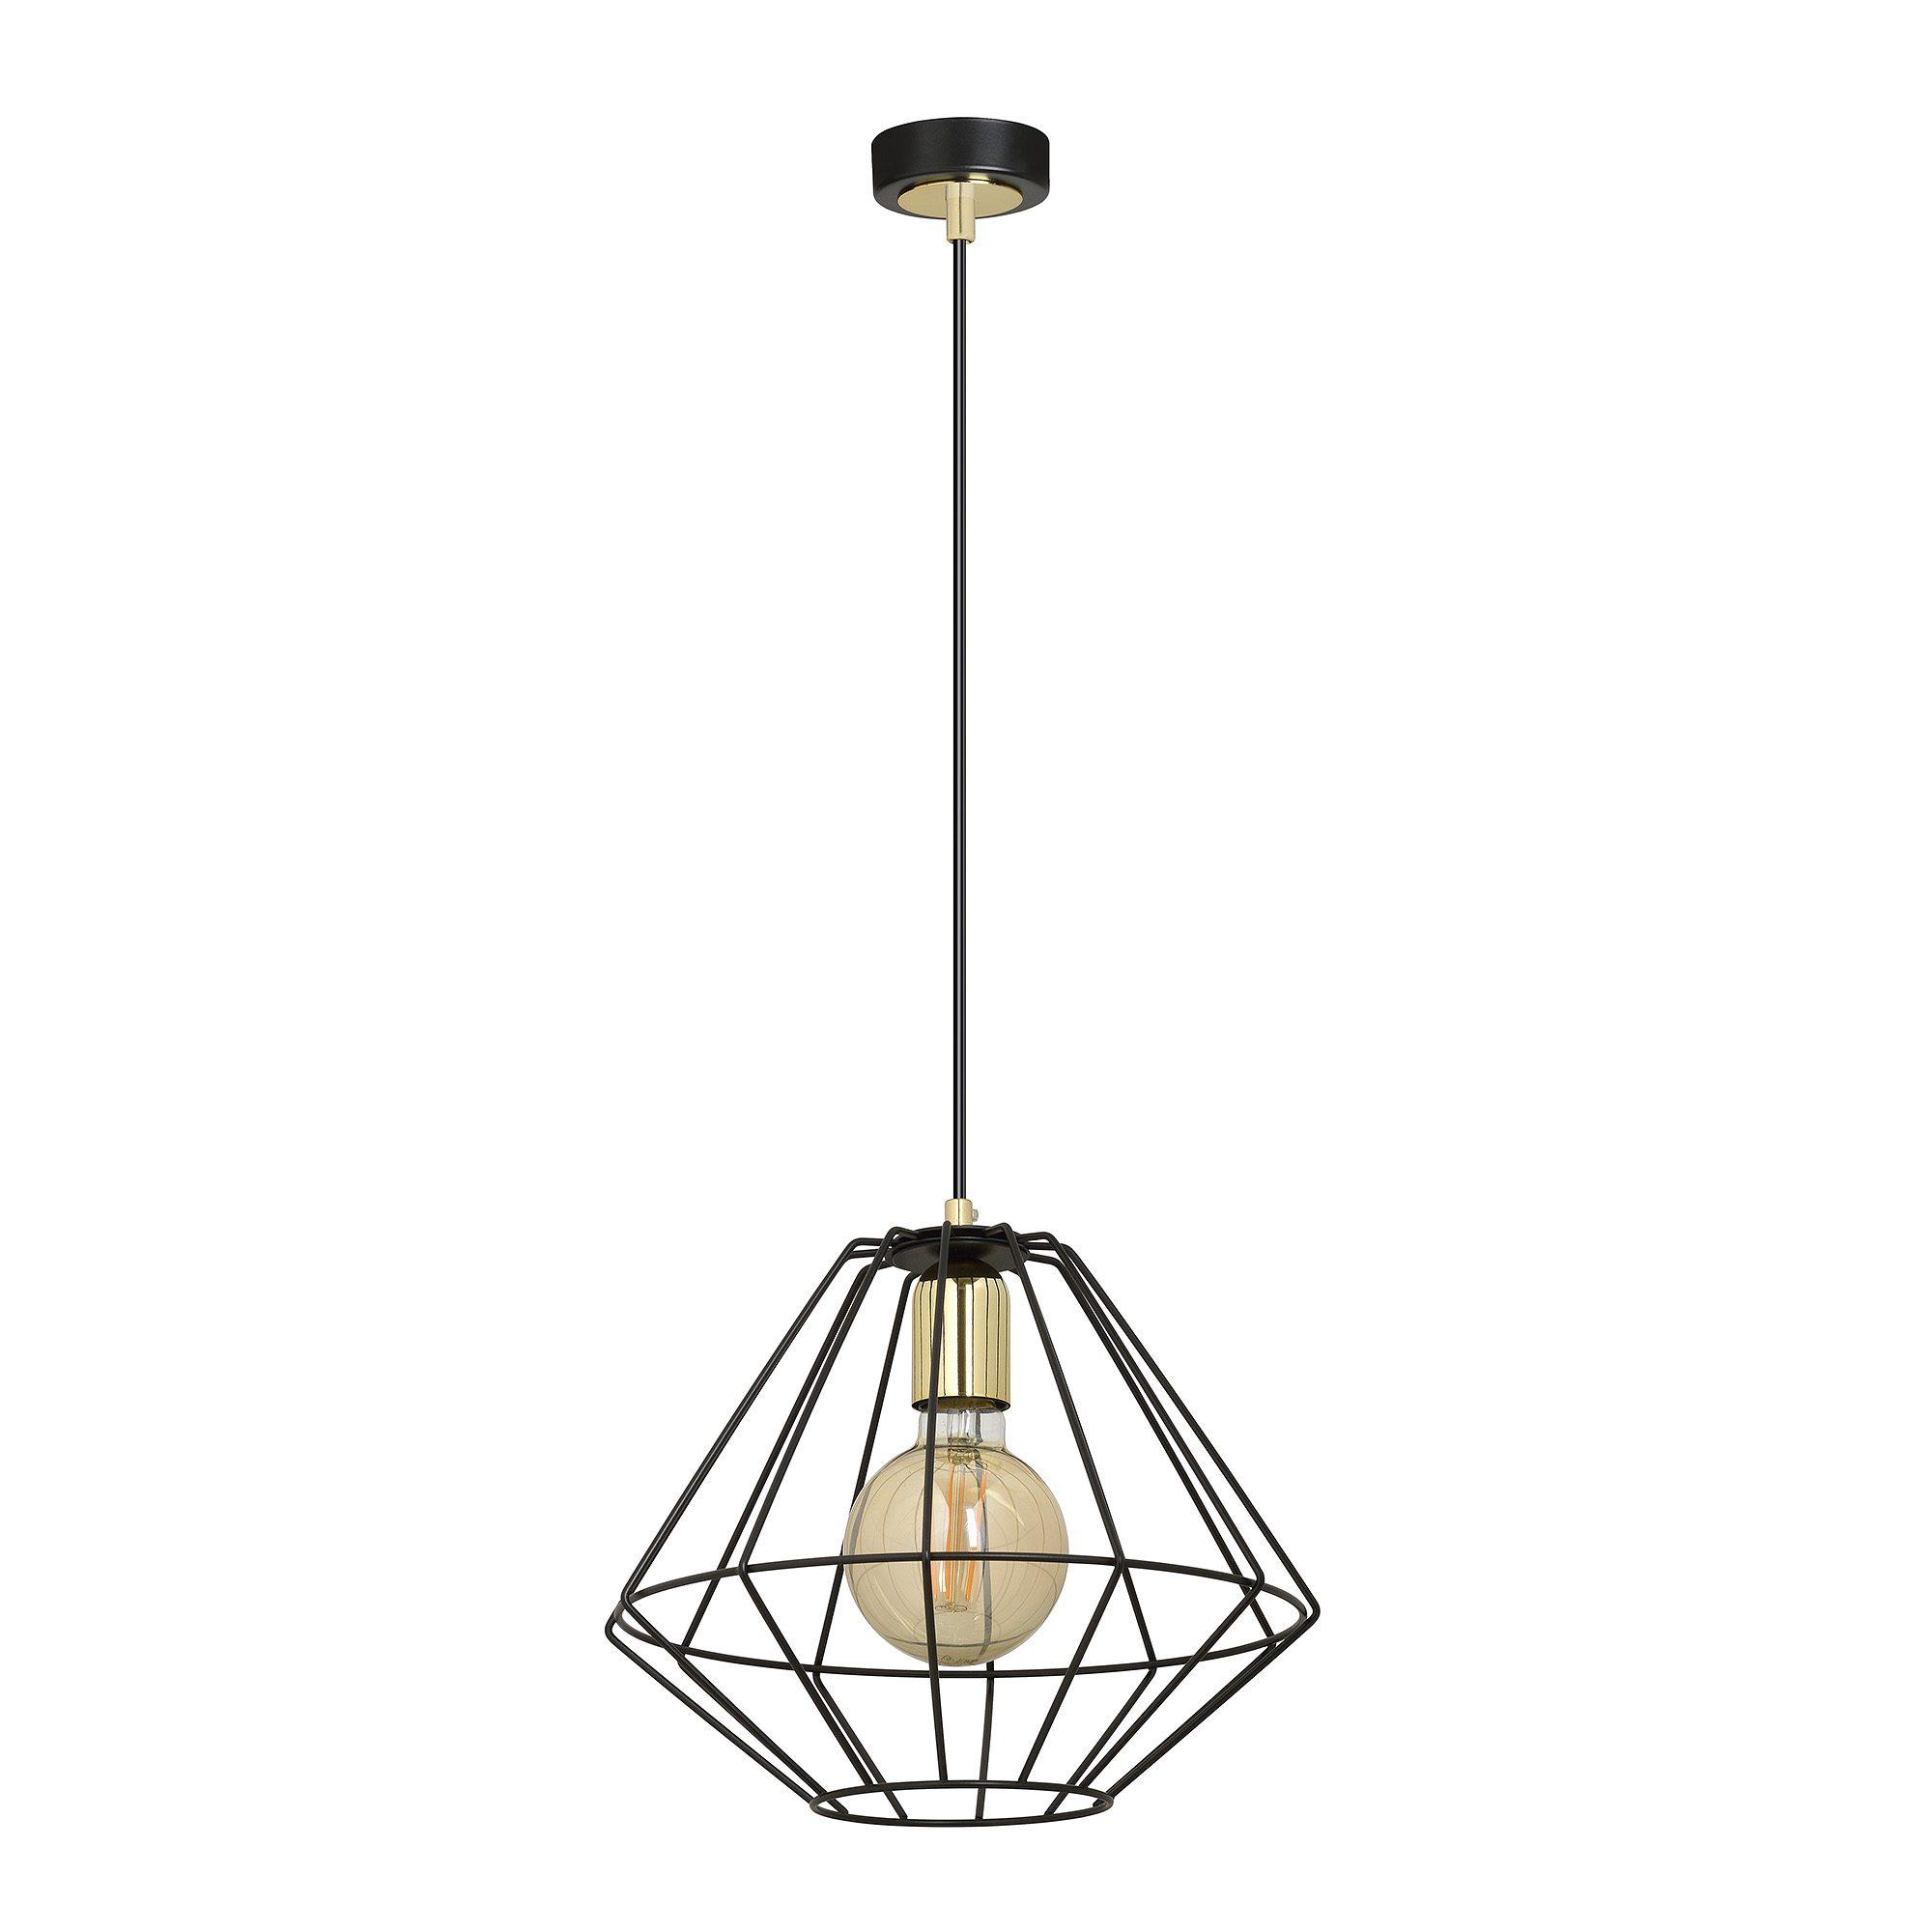 lampa-industrialna-nowoczesne-lampy-wiszace-stylowe-lampy-druciane